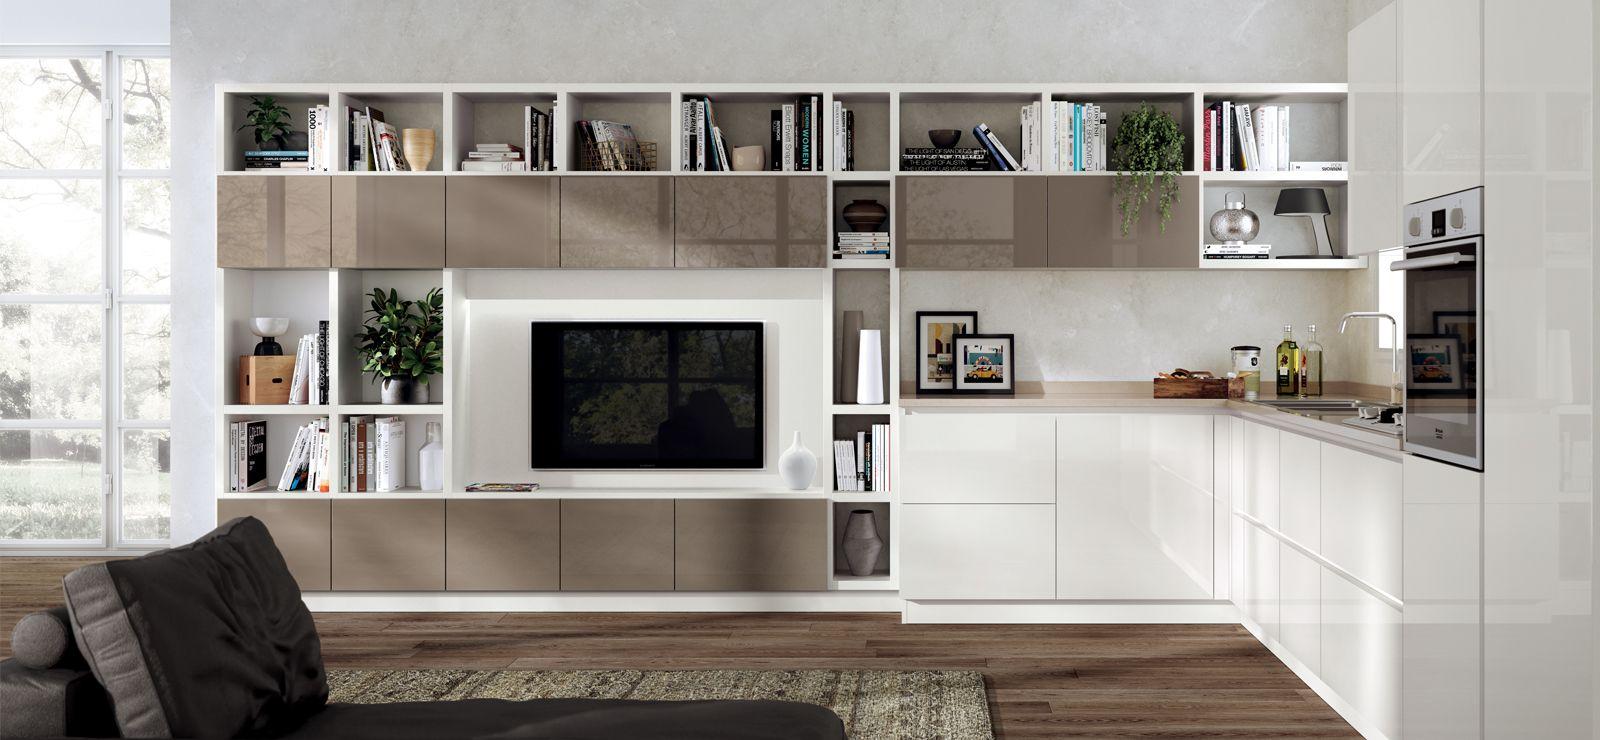 Salas de estar Scavolini | Living area | Pinterest | Piccole cucine ...